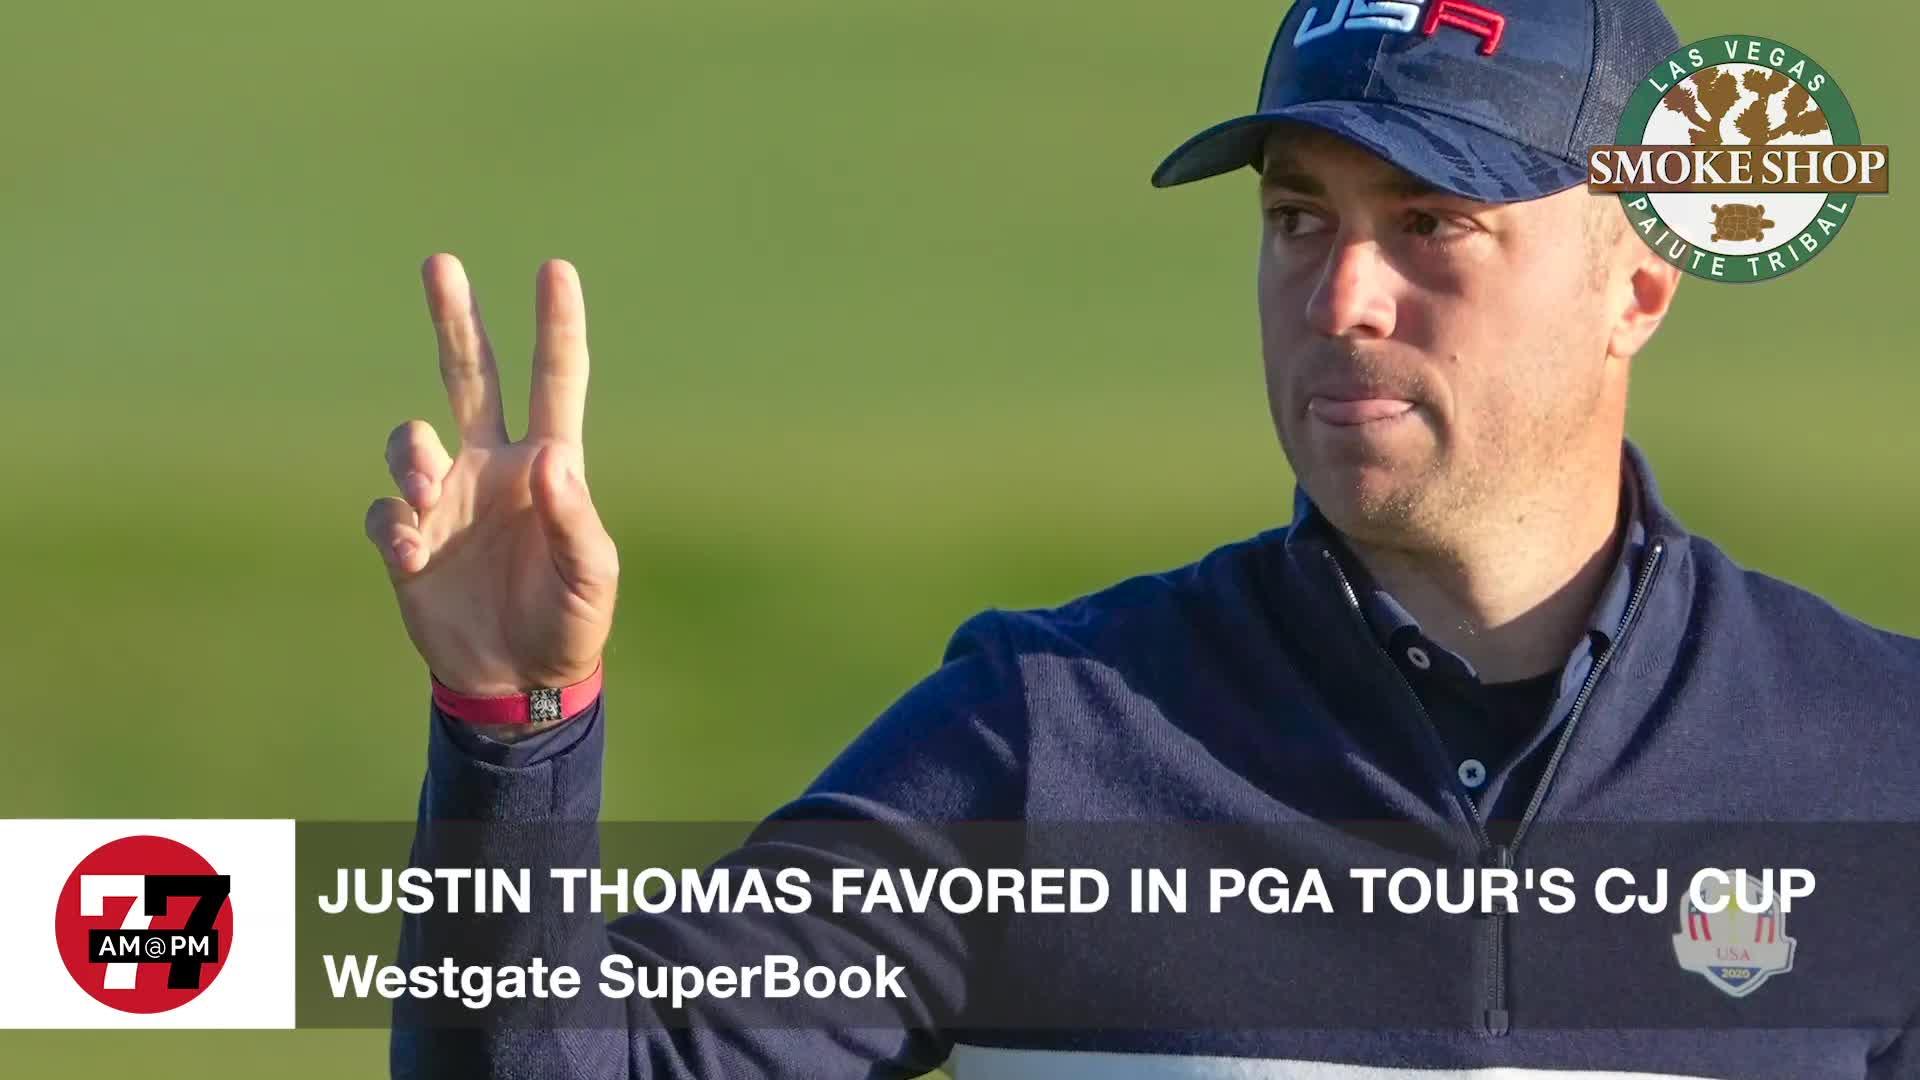 7@7PM PGA Tour's CJ Cup Odds